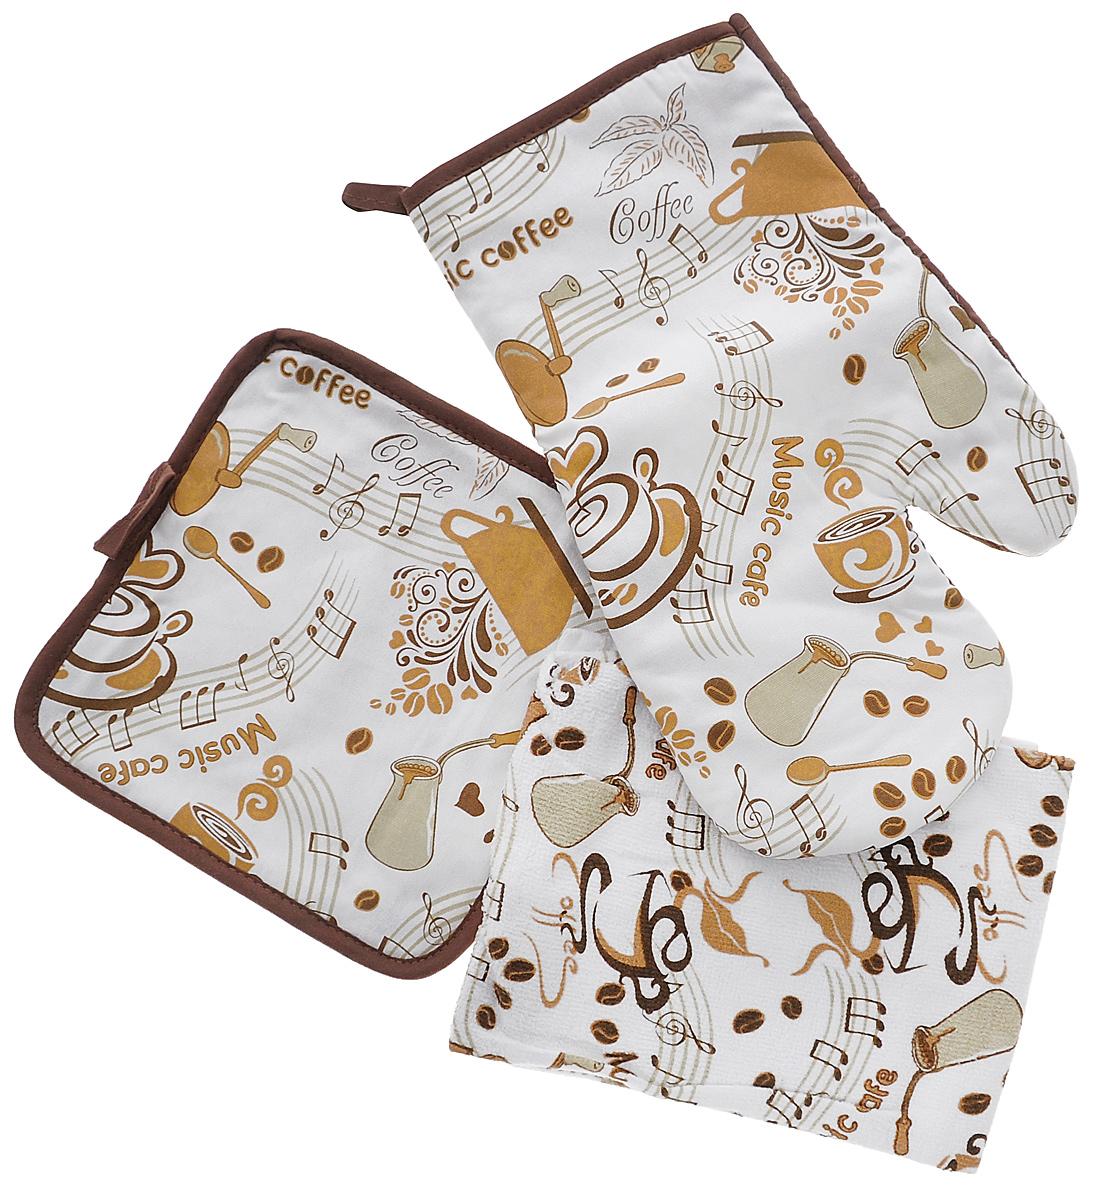 Набор кухонный Primavelle Кофе, 3 предмета. 45938584-k1054094Кухонный набор Primavelle Кофе состоит из прямоугольного полотенца, прихватки и варежки-прихватки. Изделия выполнены из натурального 100% хлопка и оформлены оригинальным принтом. Полотенце прекрасно впитывает влагу, легко стирается, хорошо сохраняет форму и цвет. Прихватки помогут справиться с любой горячей посудой и сберегут ваши руки от ожогов. Комплект прекрасно сочетается с фартуком, скатертью и силиконовой рукавицей в аналогичном дизайне, что делает его стильным и полезным подарком для каждой хозяйки. Кухонный набор Primavelle Кофе незаменим на современной кухне! Яркий и оригинальный дизайн вдохновит вас на новые кулинарные подвиги. Размер полотенца: 38 х 64 см. Размер прихватки: 20 х 20 см. Размер варежки-прихватки: 18 х 33 см.